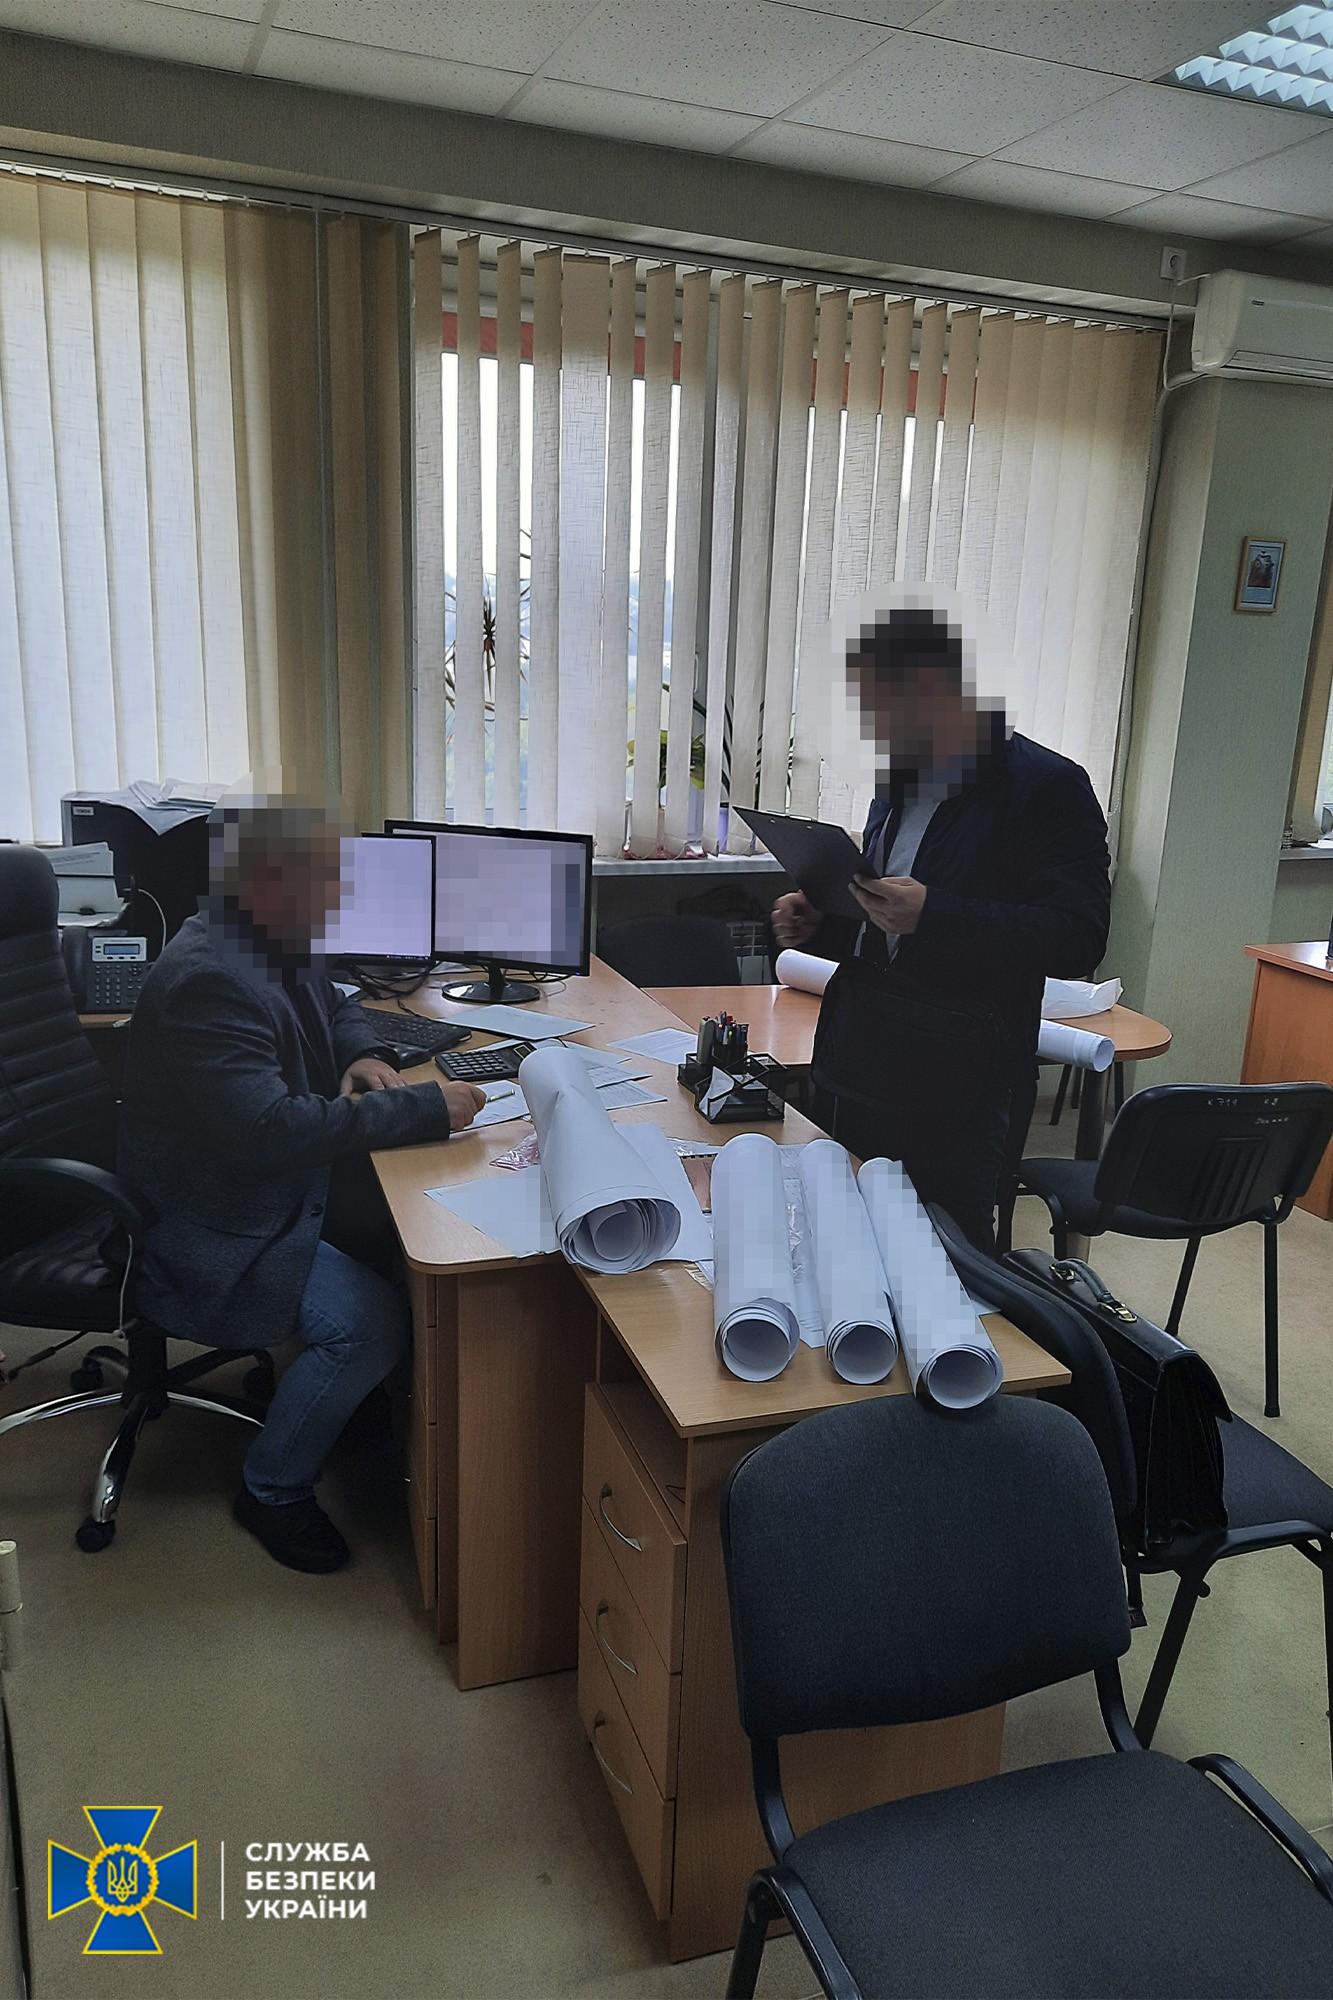 Украинское конструкторское бюро для РФ модернизировало инфраструктуру оккупированного Крыма (ФОТО) - фото 5